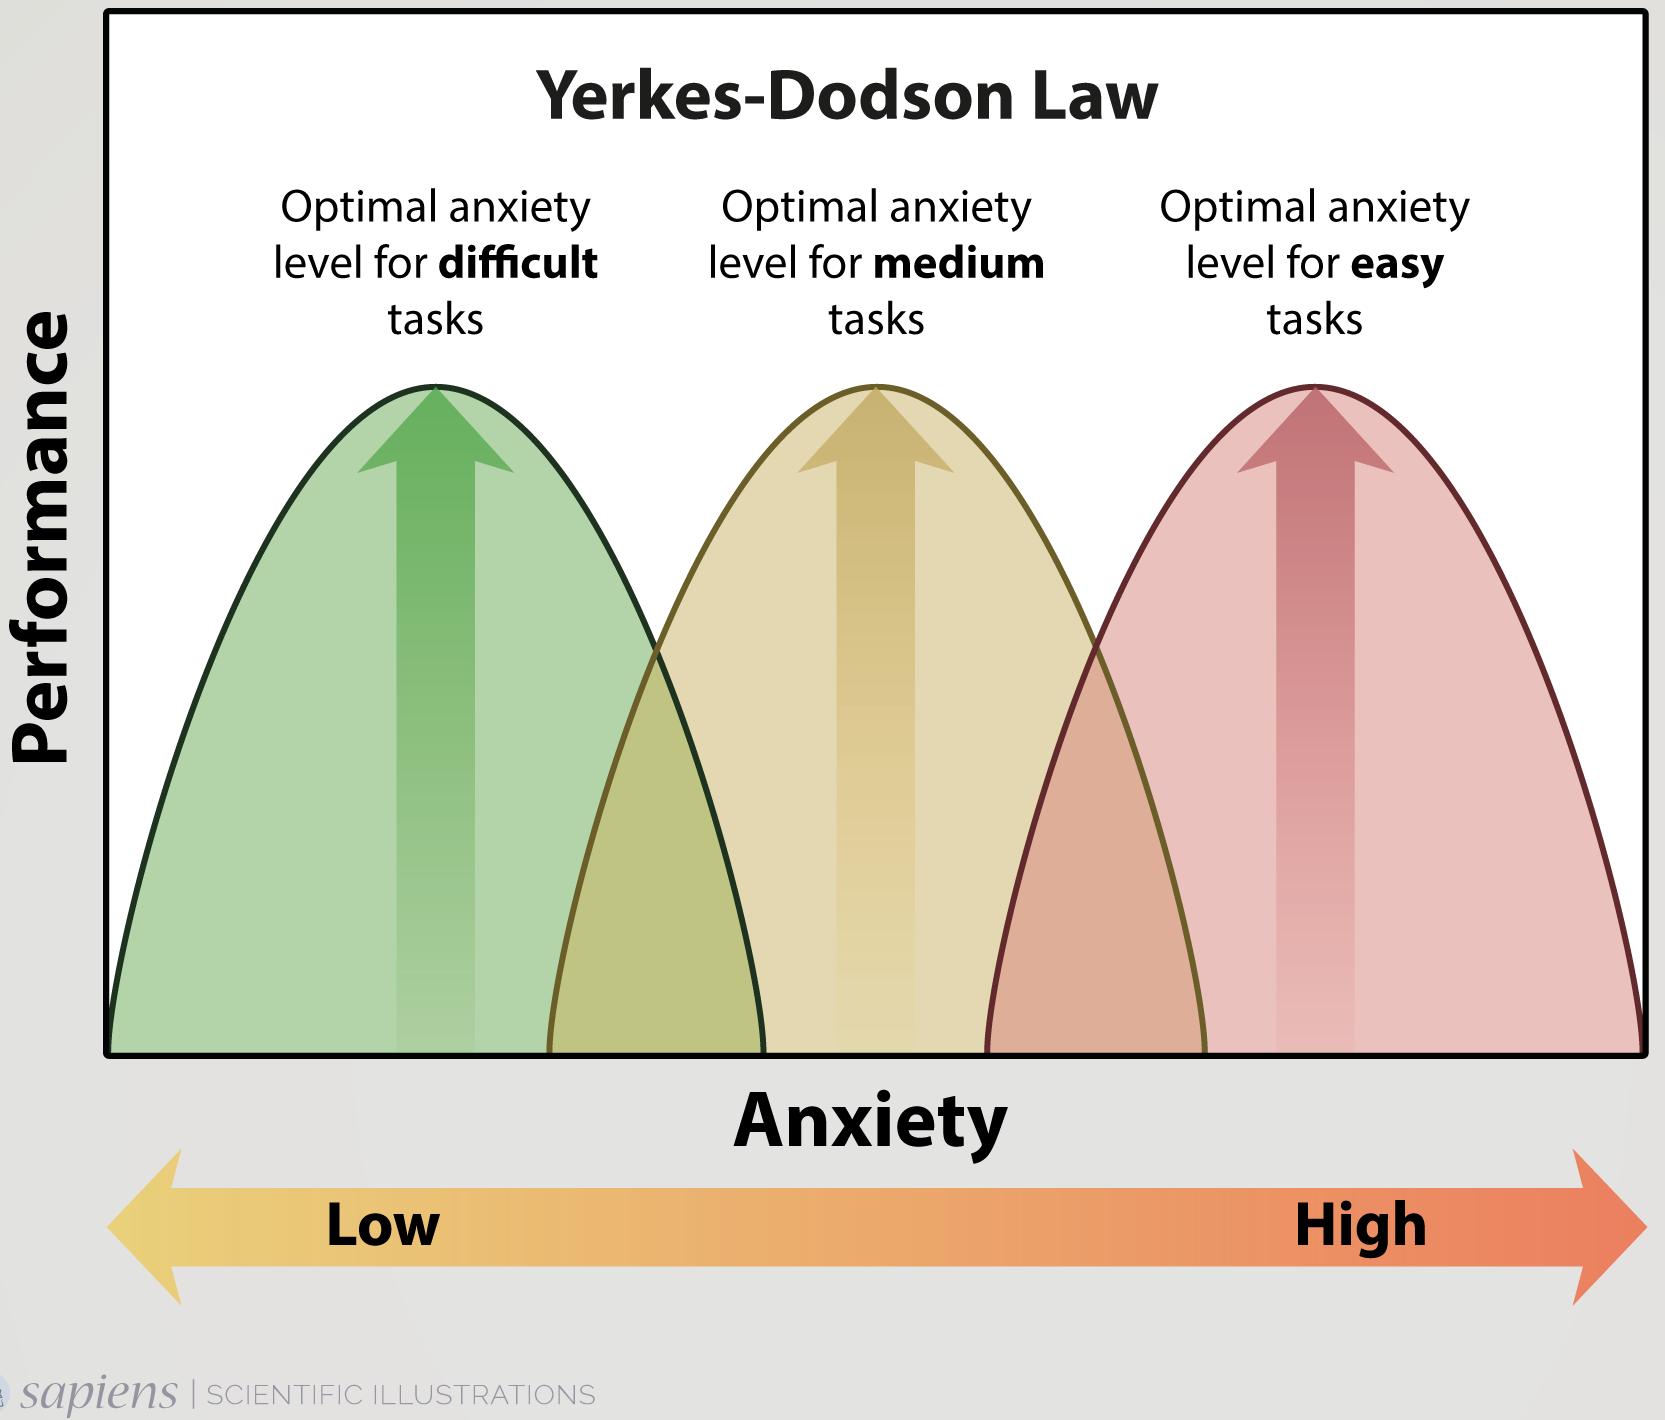 Кривая Йеркса Додсона